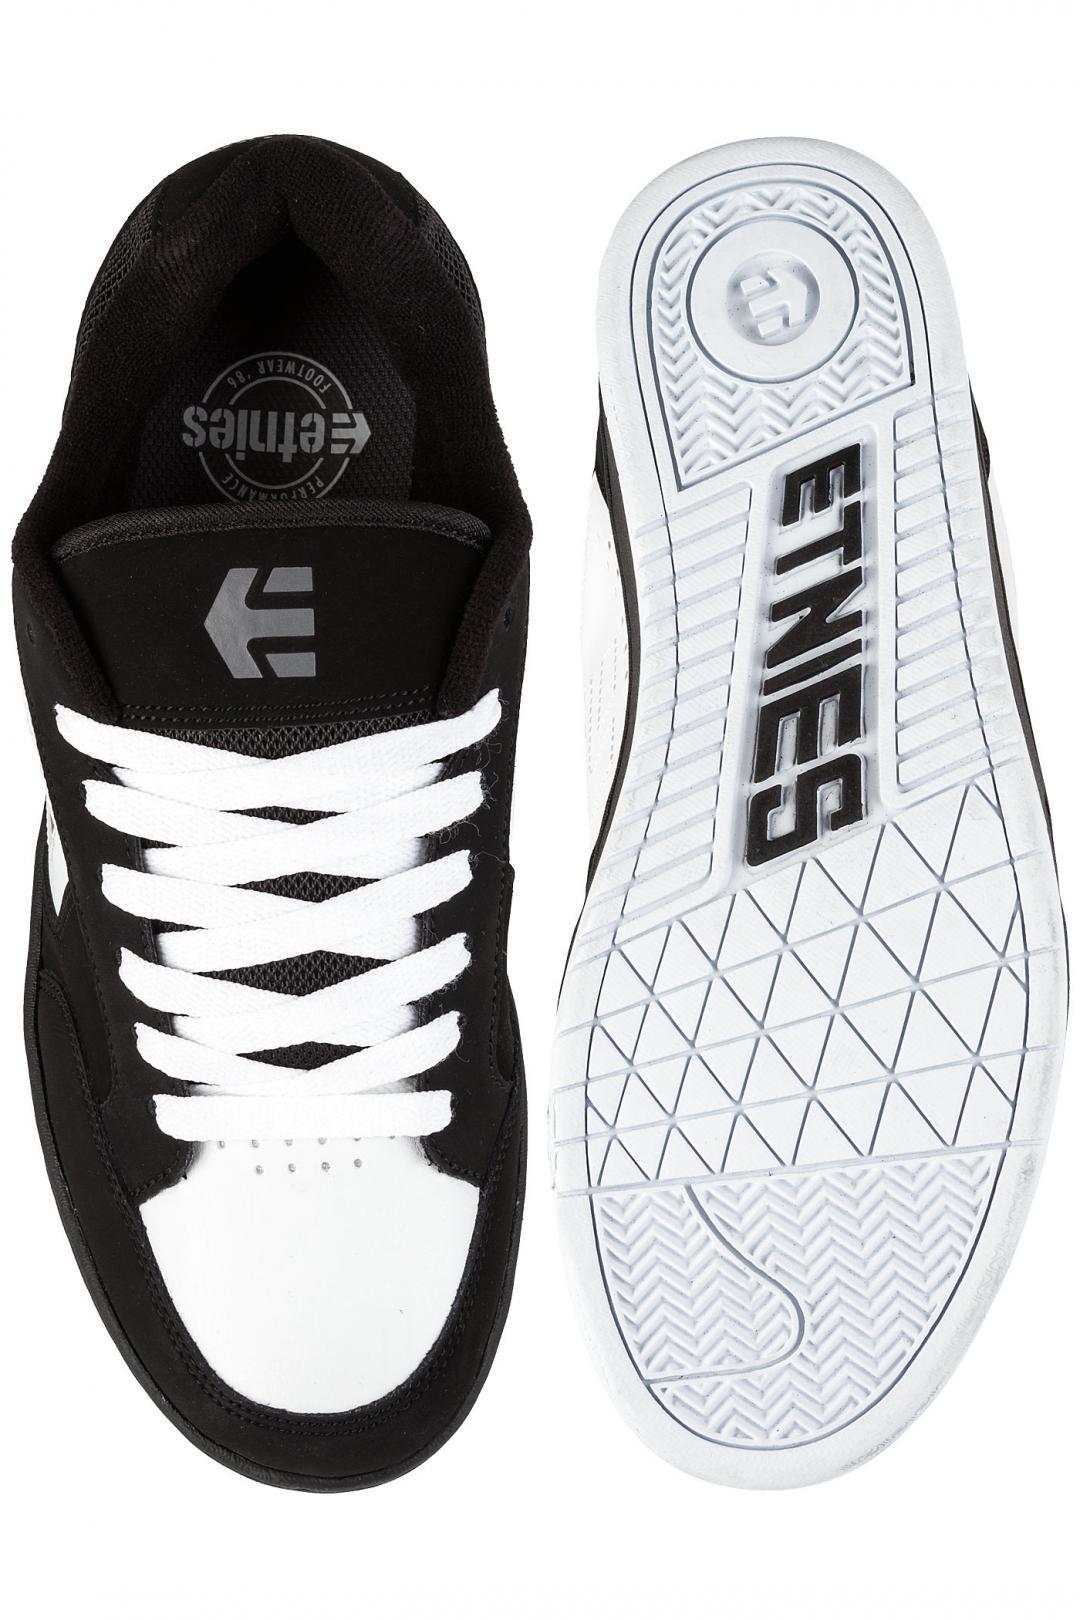 Uomo Etnies Swivel black white grey | Scarpe da skate